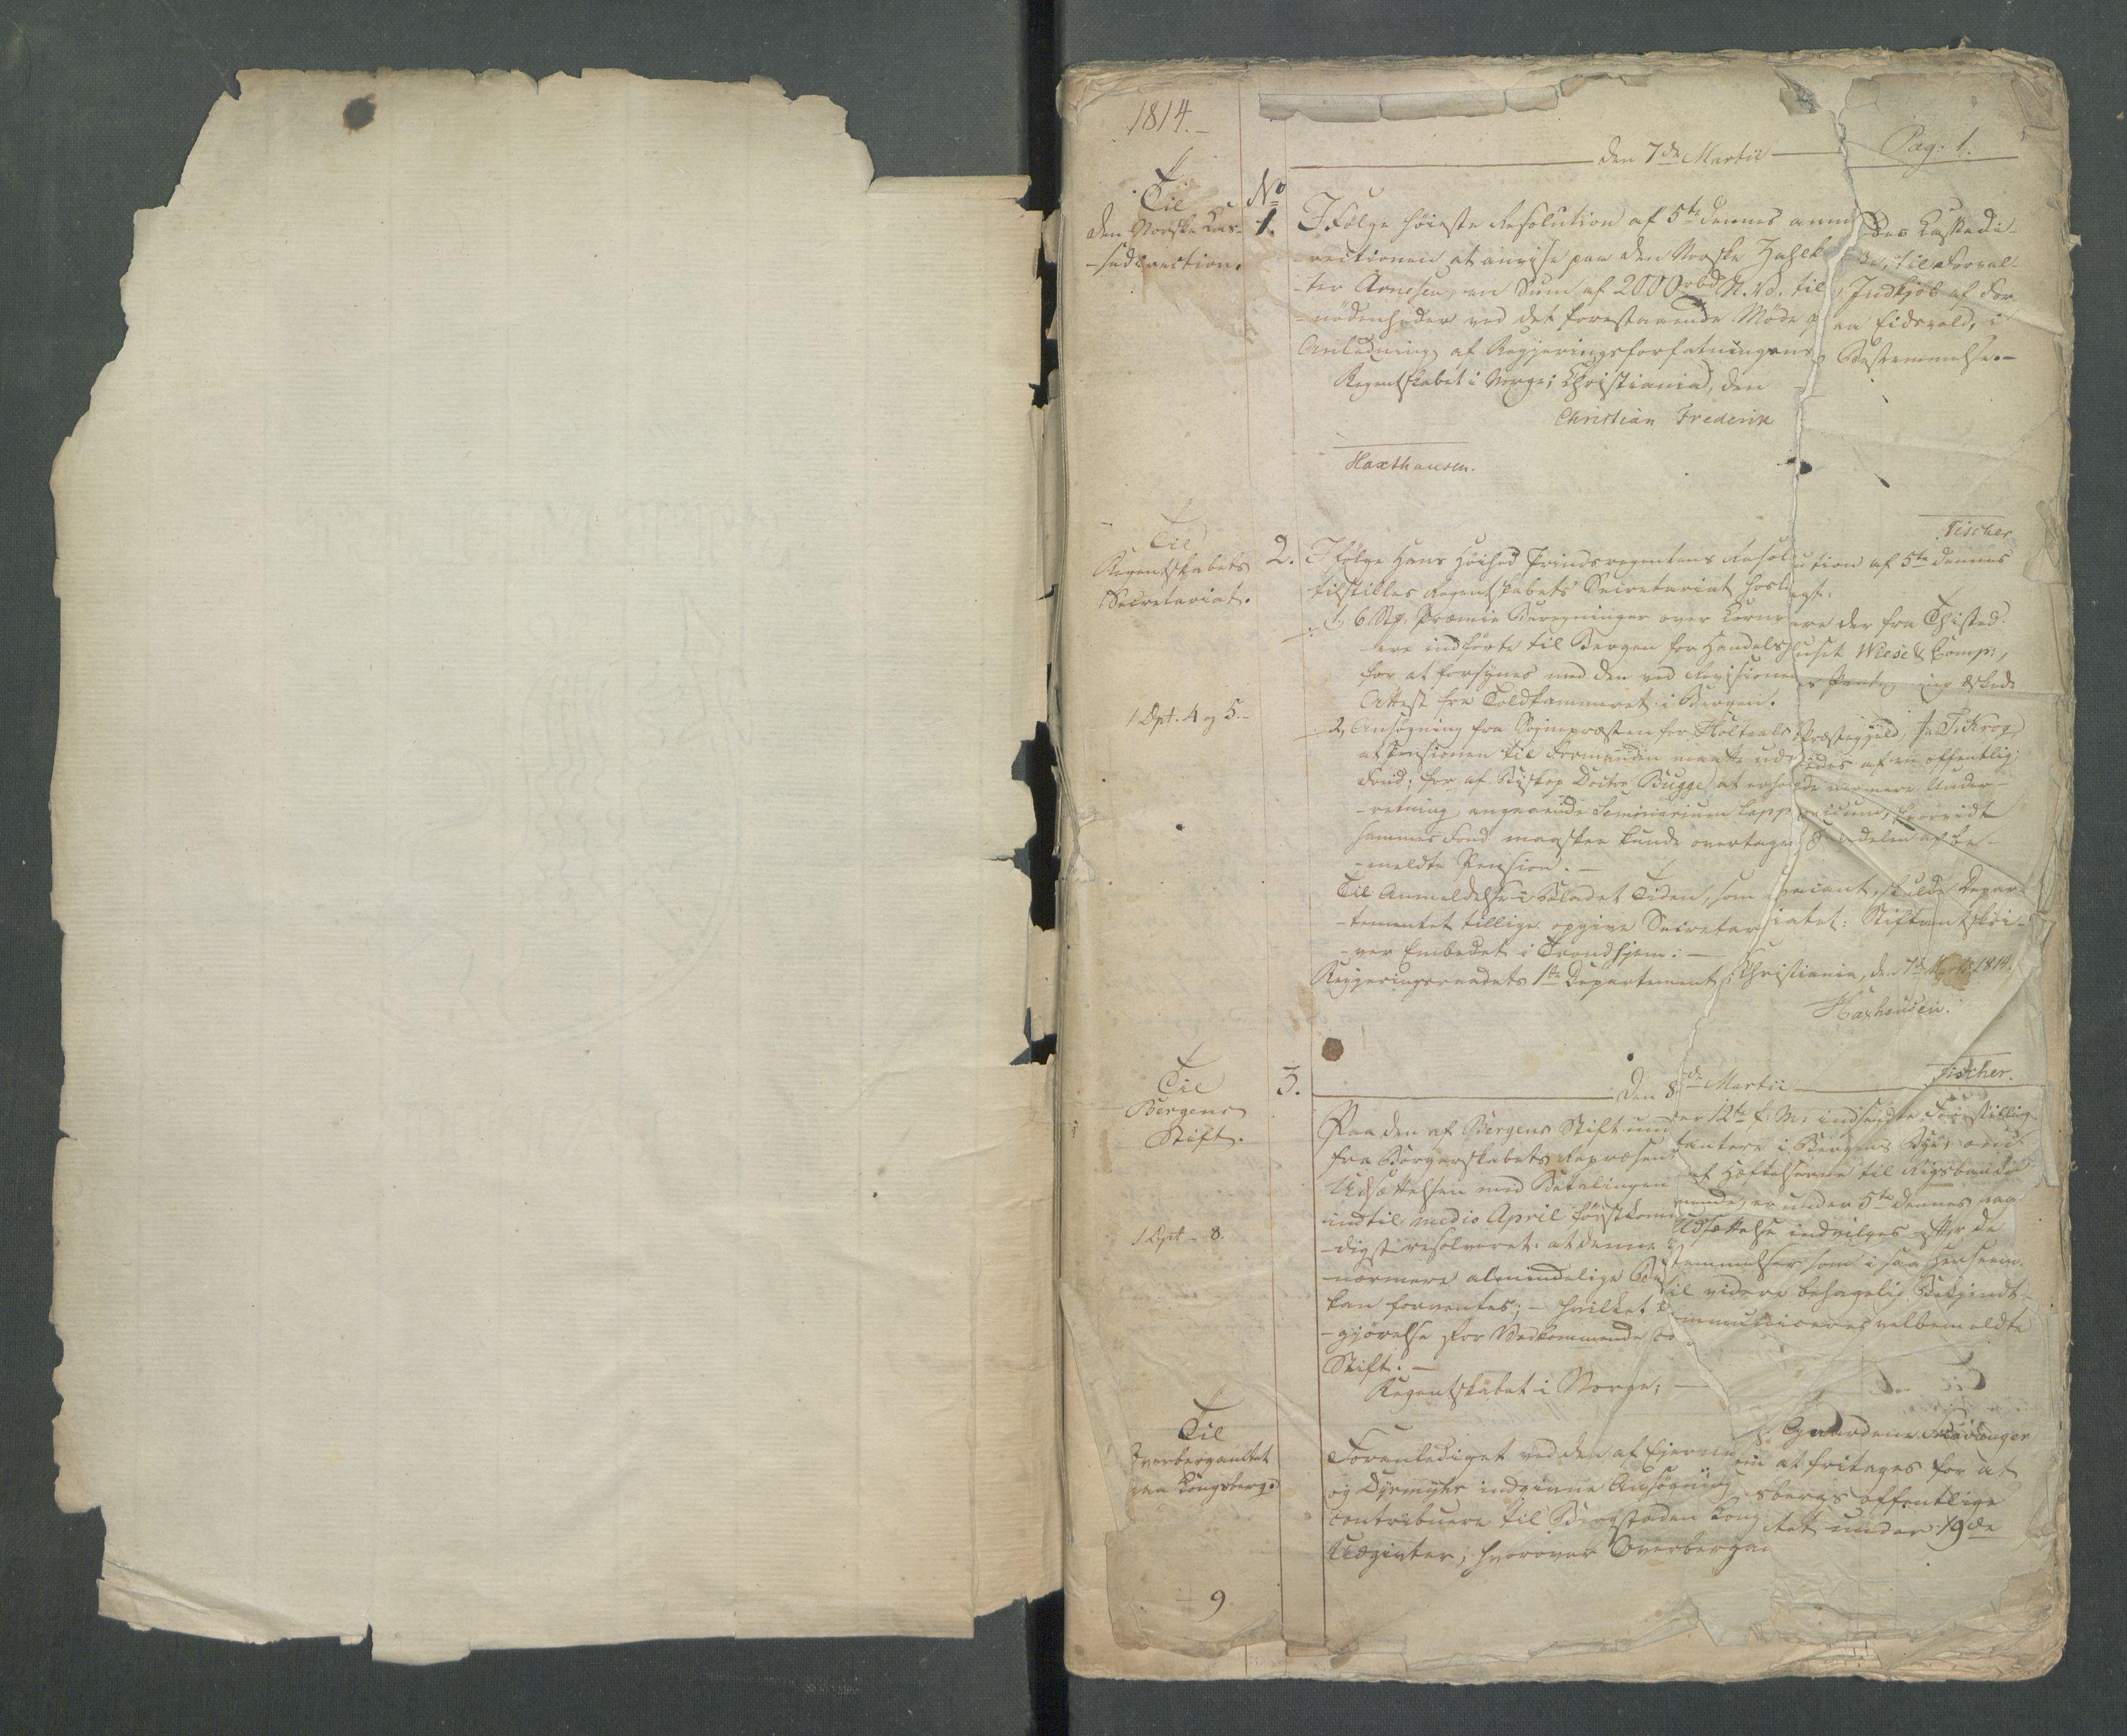 RA, Departementene i 1814, Fa/L0002: 1. byrå - Kopibok A 1-173, 1814, s. 1